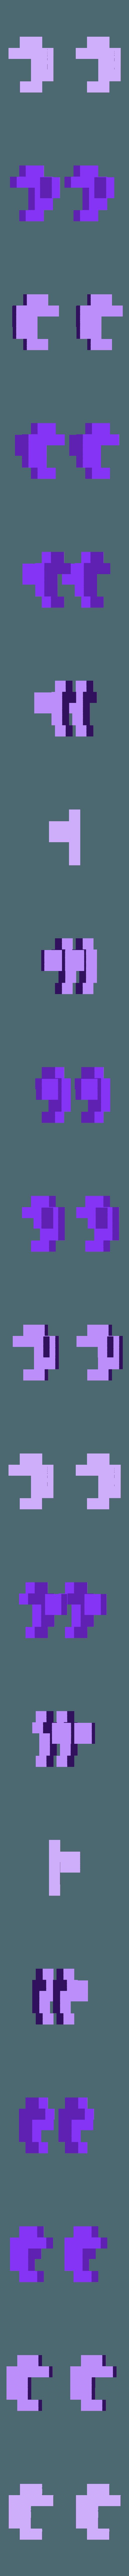 White-Right_pointing_eyes.stl Télécharger fichier STL gratuit PacMan 8 bits et fantômes - Pièces séparées (pas besoin de colle) • Design à imprimer en 3D, conceptify